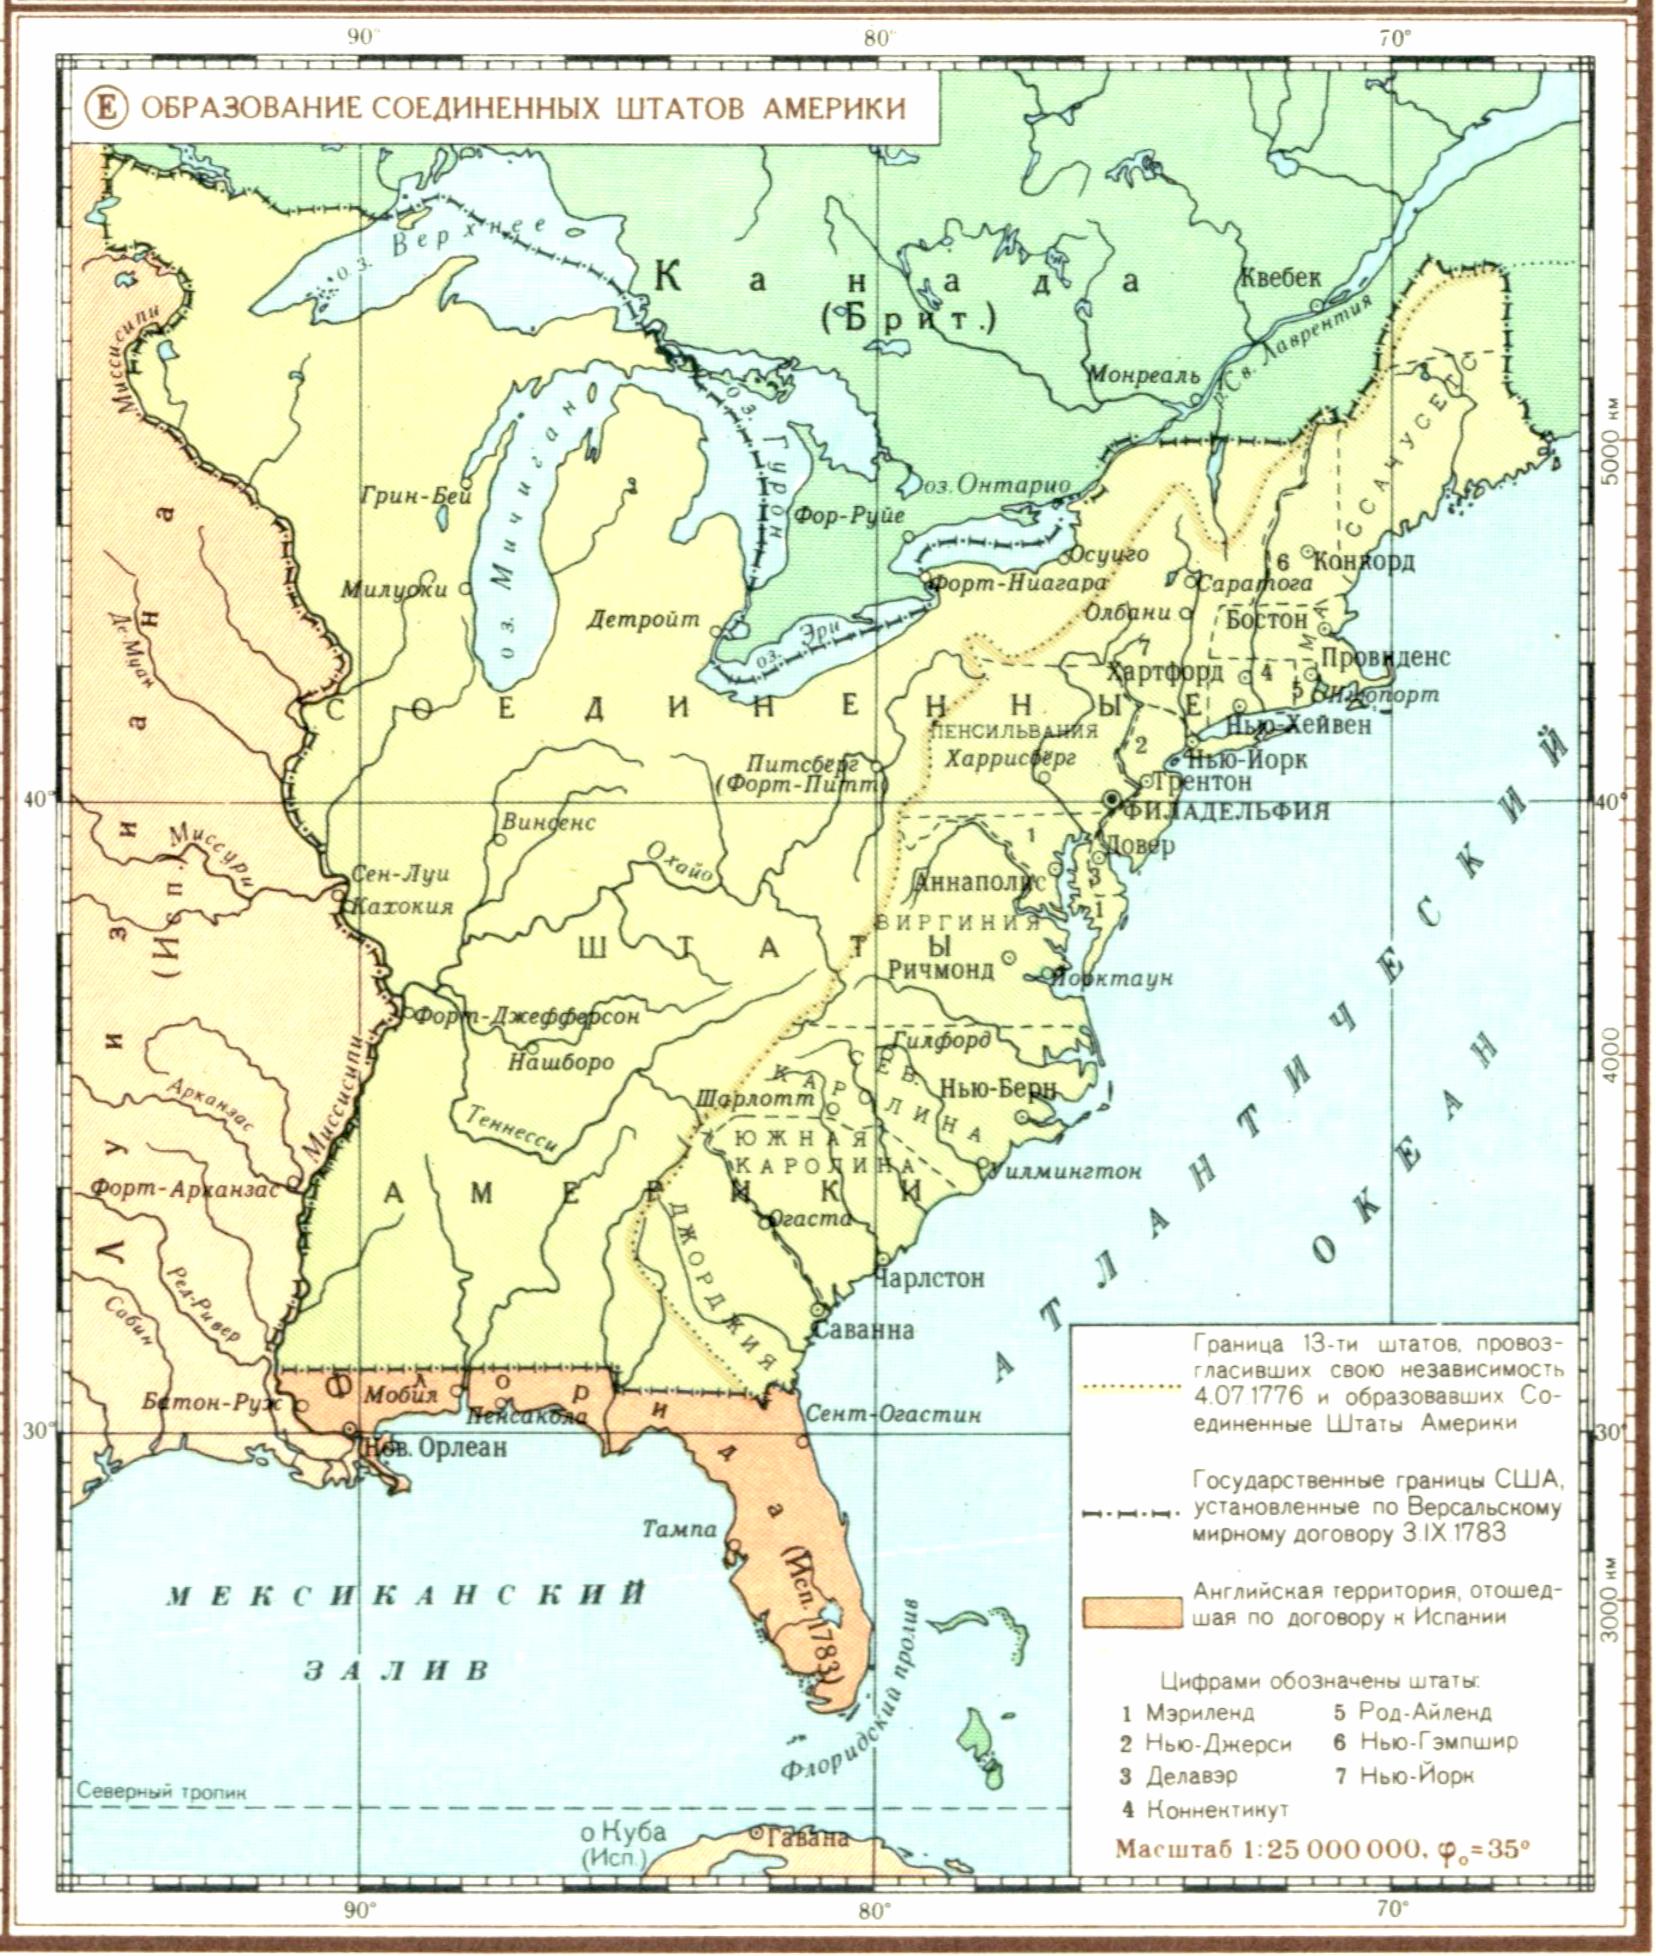 контурная карта северная америка класс Сумки Война за независимость в Северной Америке 1775 1783 г